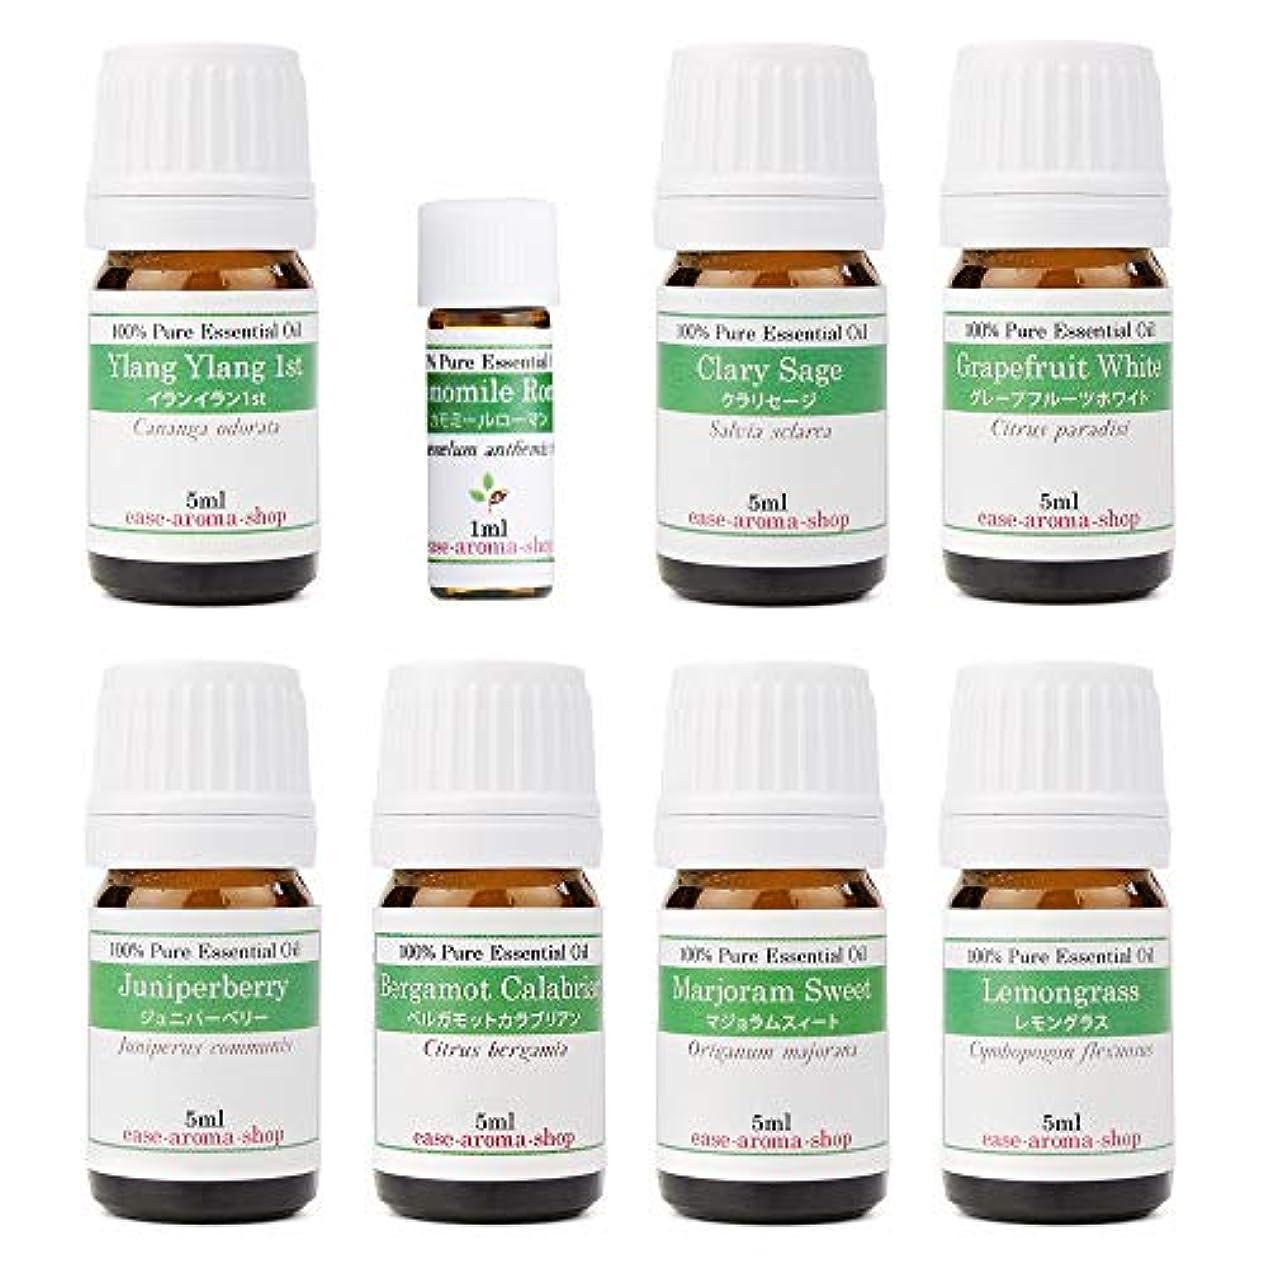 顕微鏡ブローハードウェア【2019年改訂版】ease AEAJアロマテラピー検定香りテスト対象精油セット 揃えておきたい基本の精油 1級 8本セット各5ml